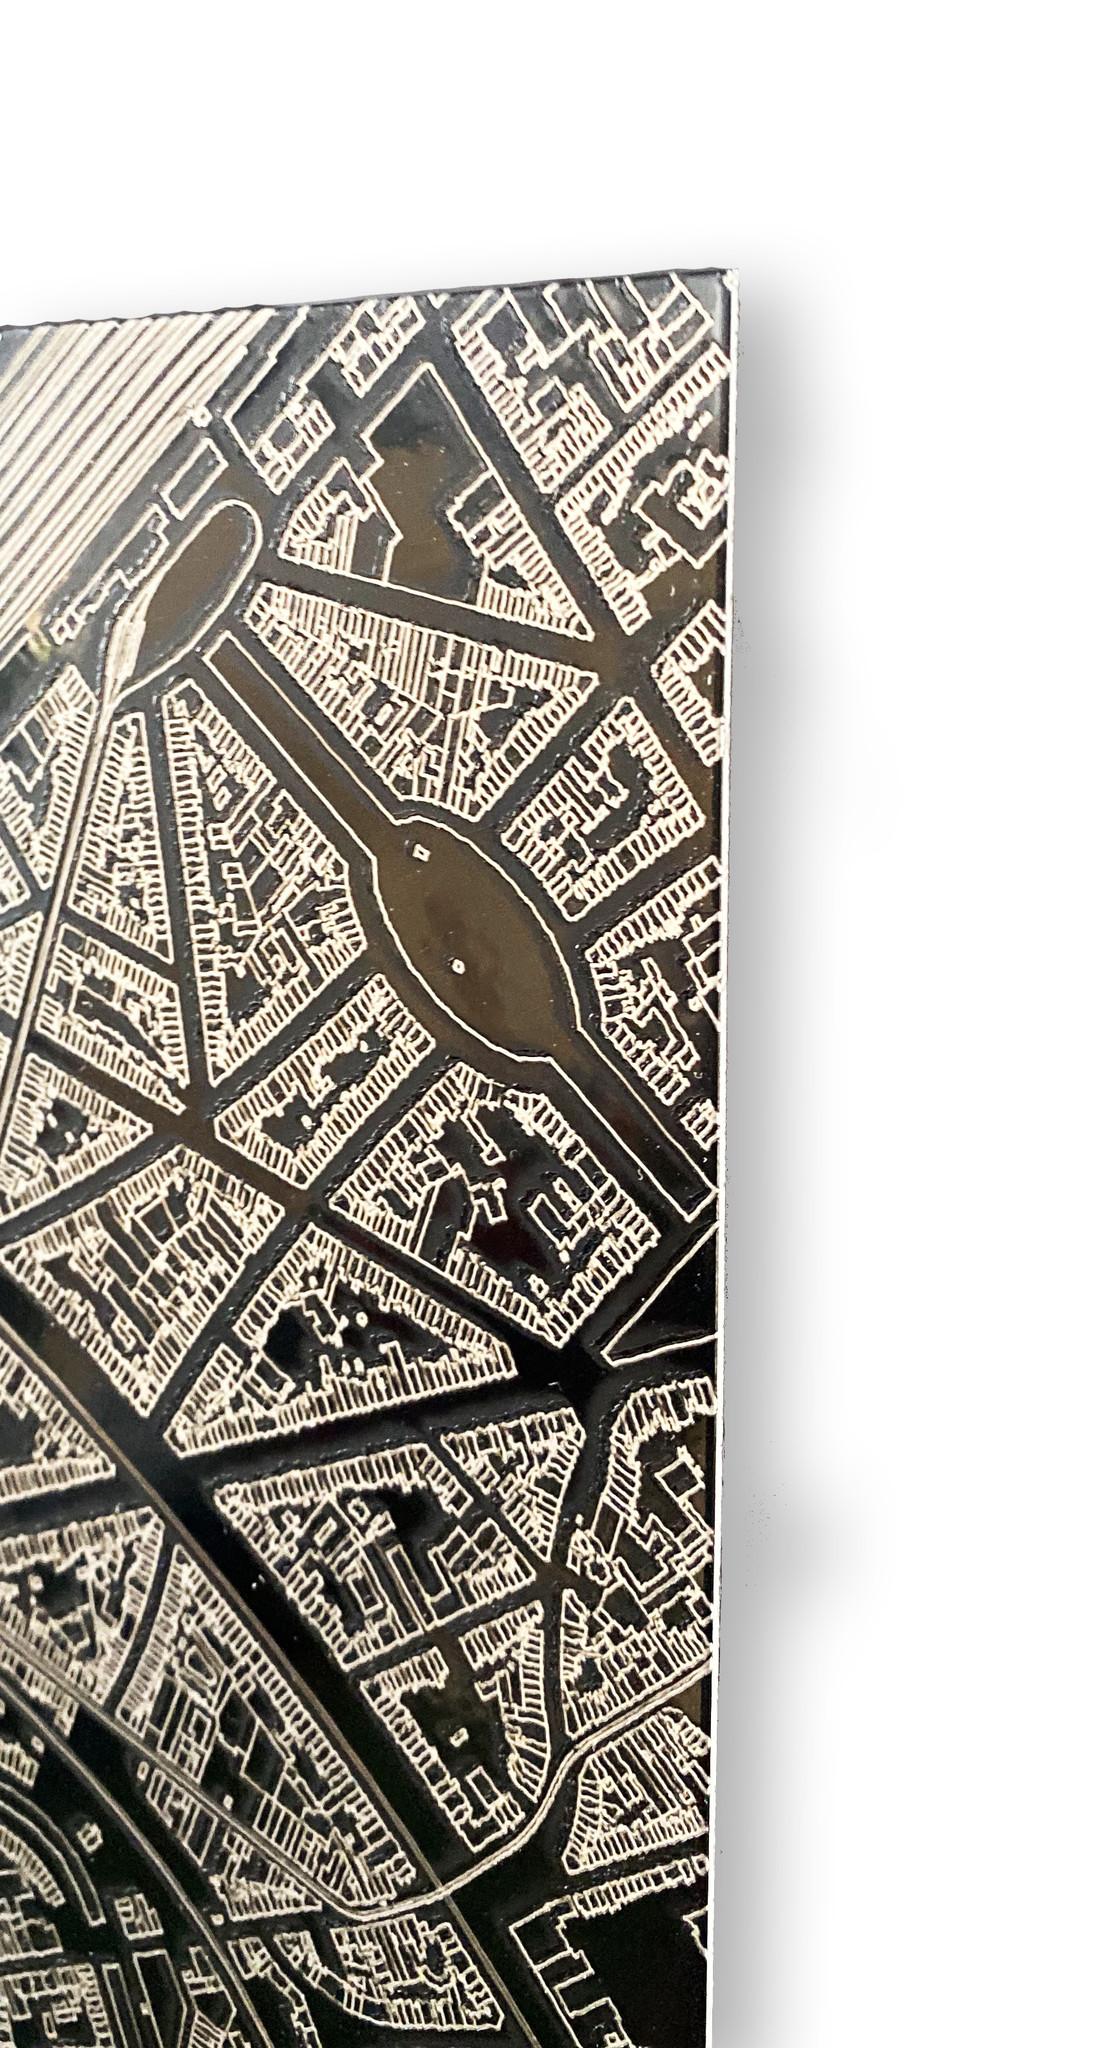 Stadtkarte Metal Zwolle-7